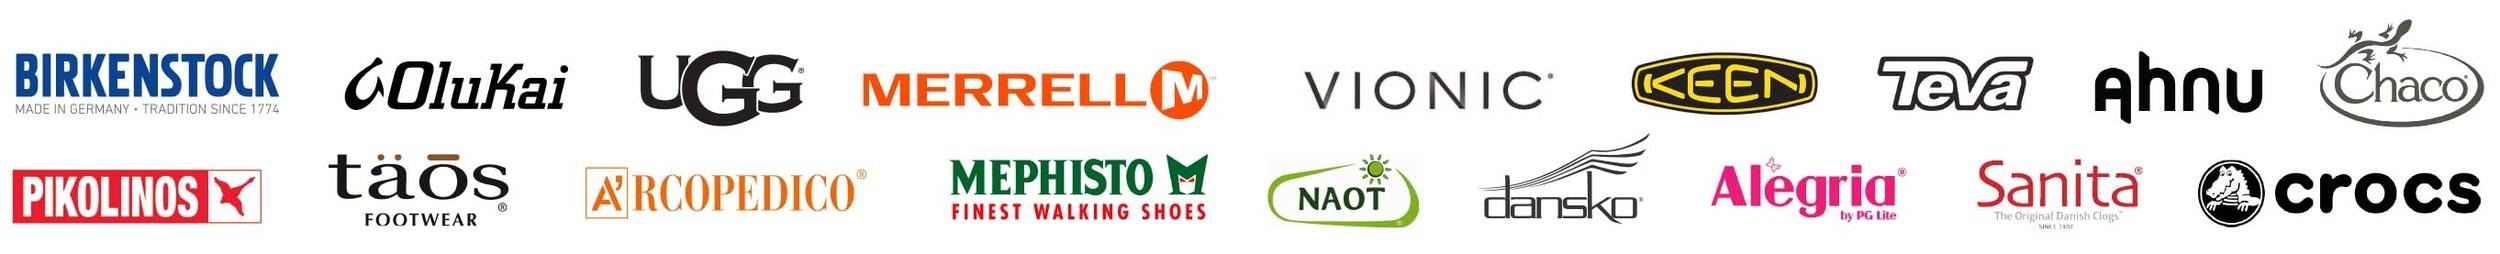 Brand Header Images 01